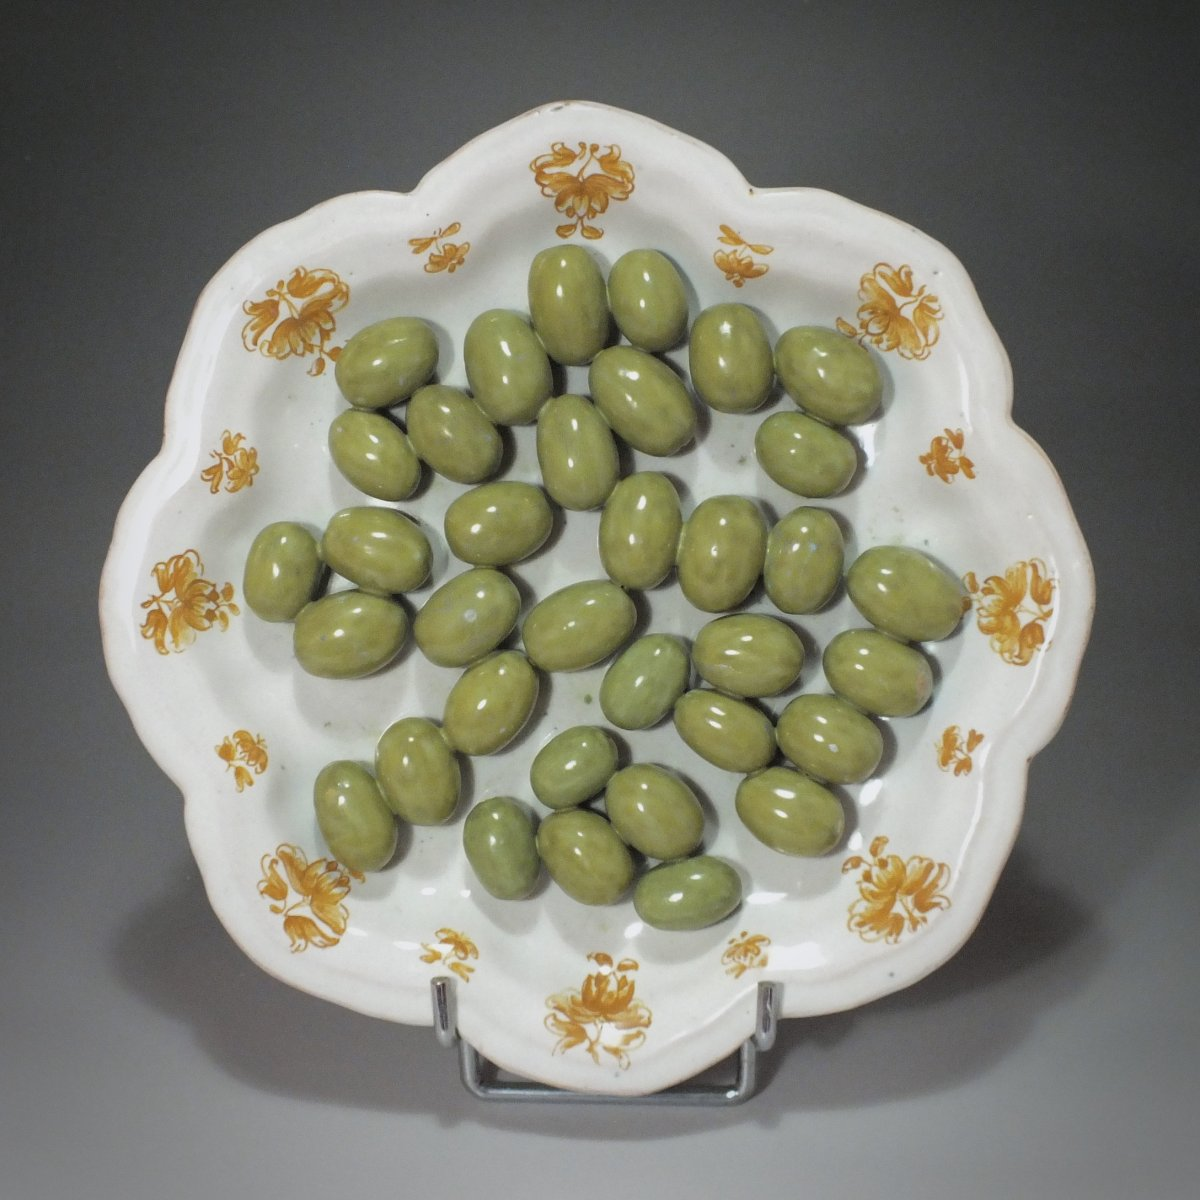 Moustiers - Assiette en trompe l'œil aux olives - XVIIIe siècle-photo-2